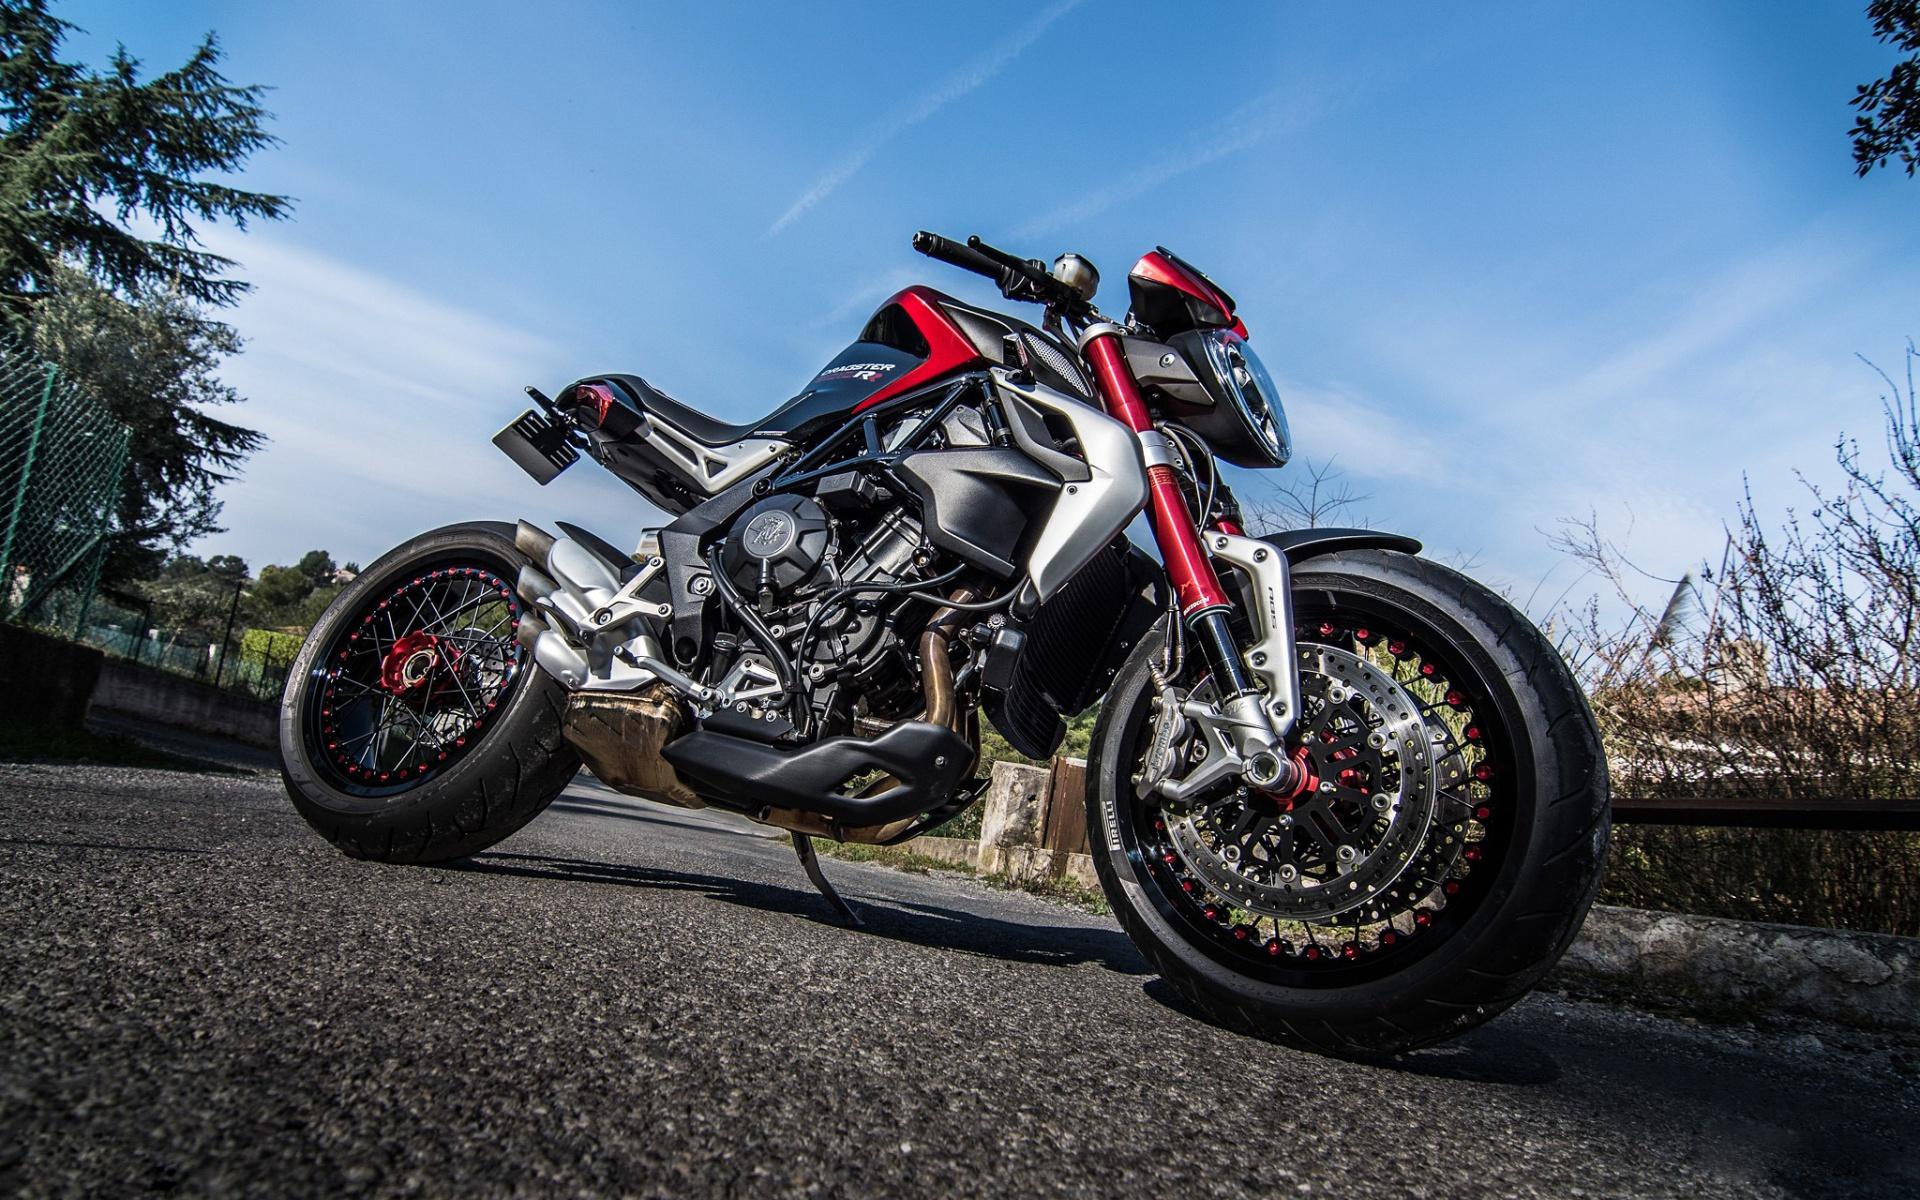 обои Honda MV Agusta- 800, спортбайк, мотоцикл, дорога картинки фото